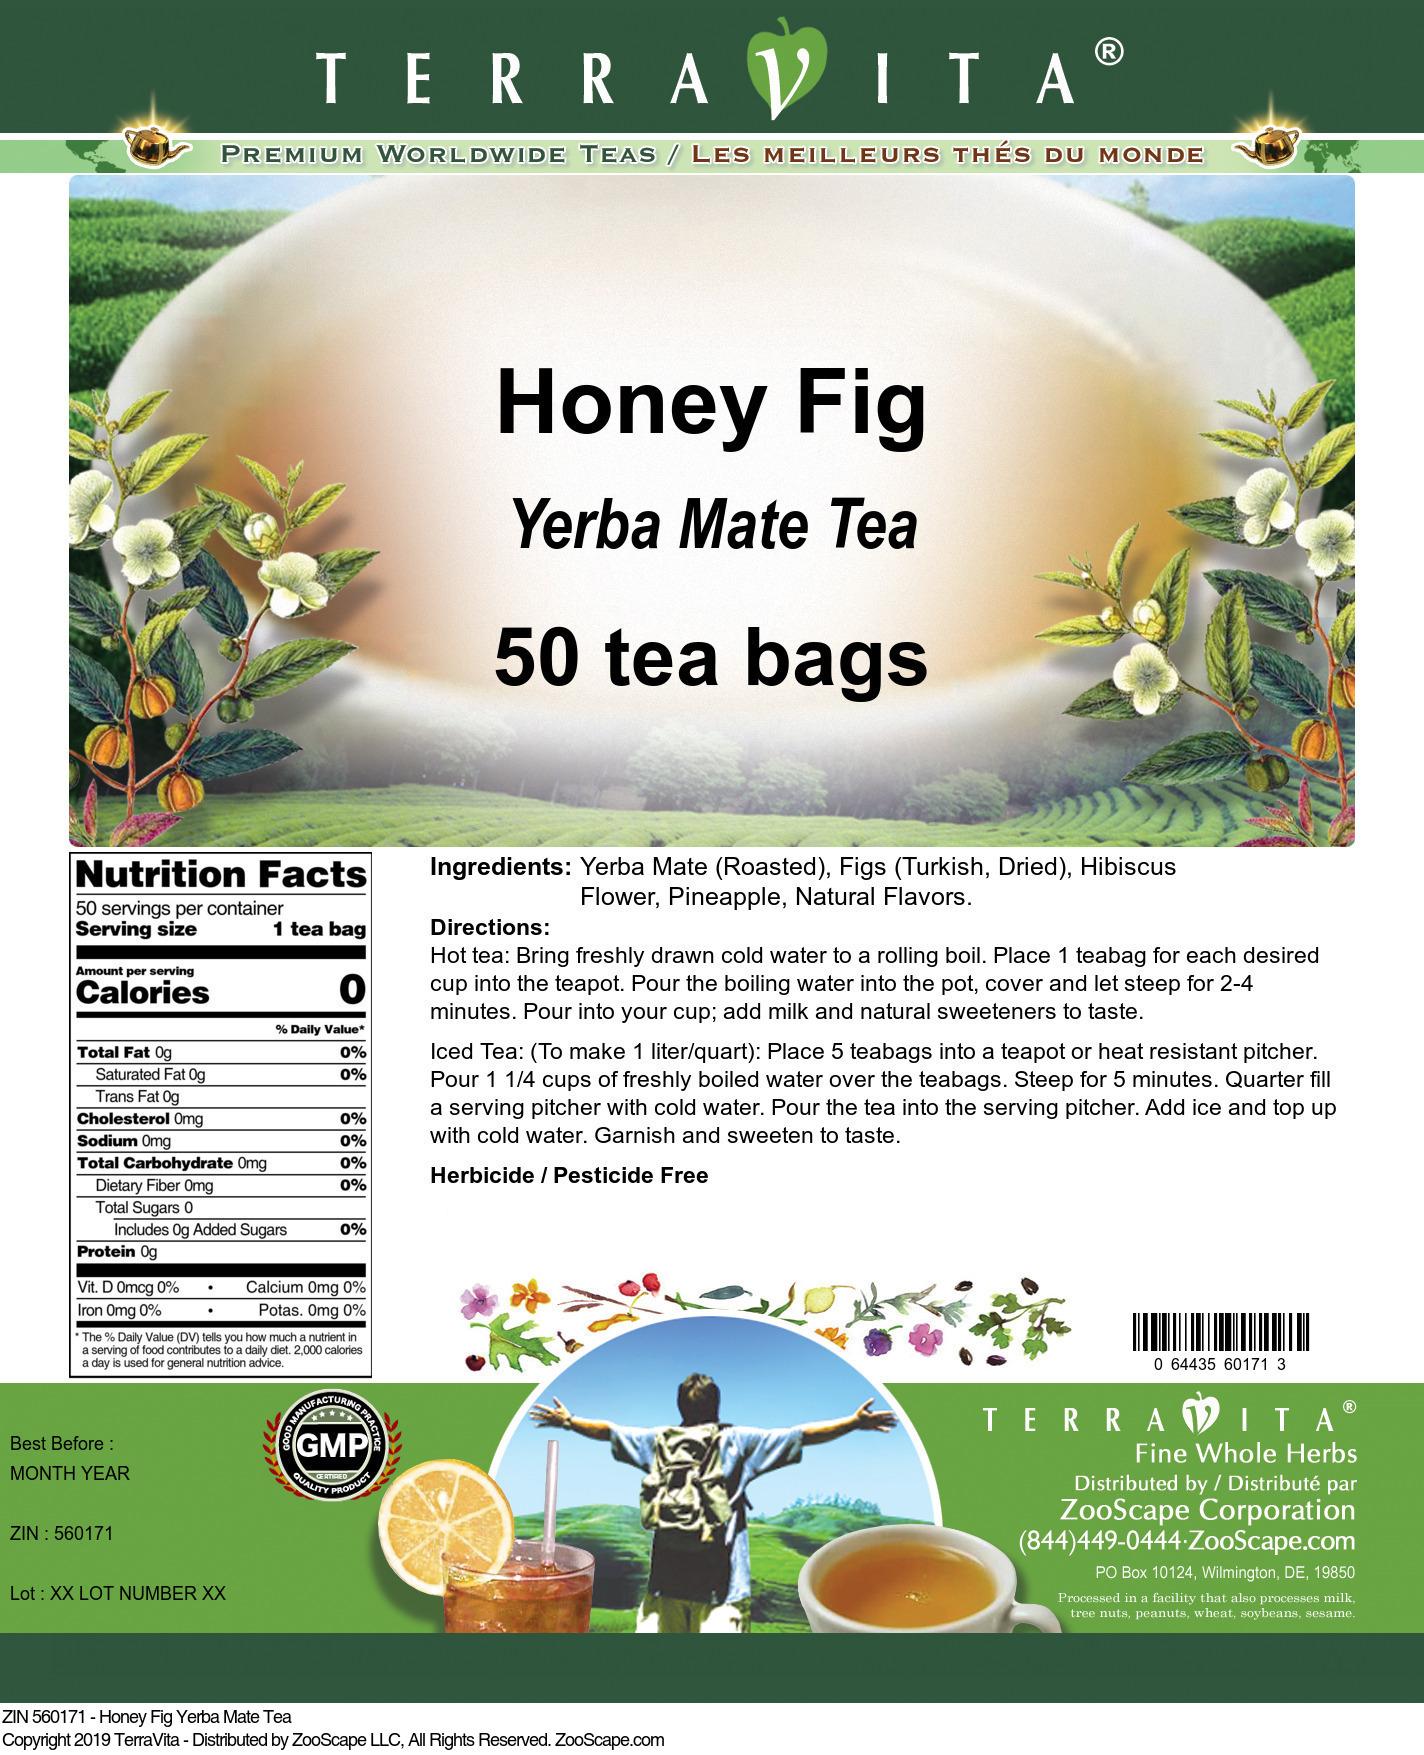 Honey Fig Yerba Mate